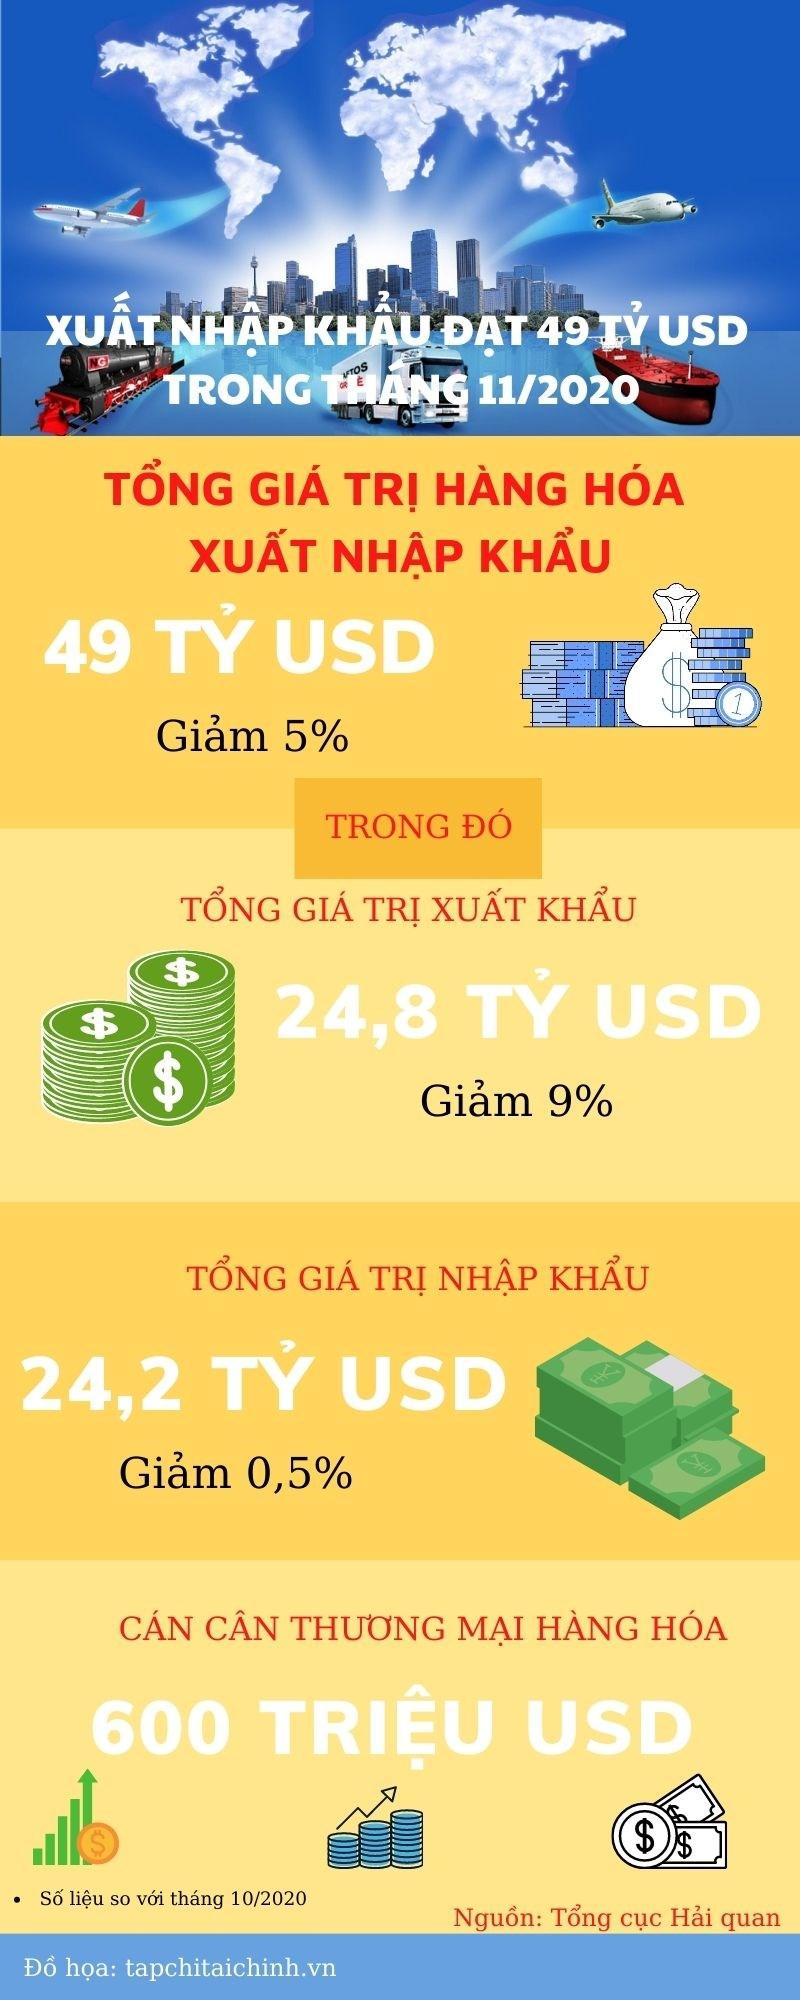 [Infographics] Xuất nhập khẩu đạt 49 tỷ USD trong tháng 11/2020 - Ảnh 1